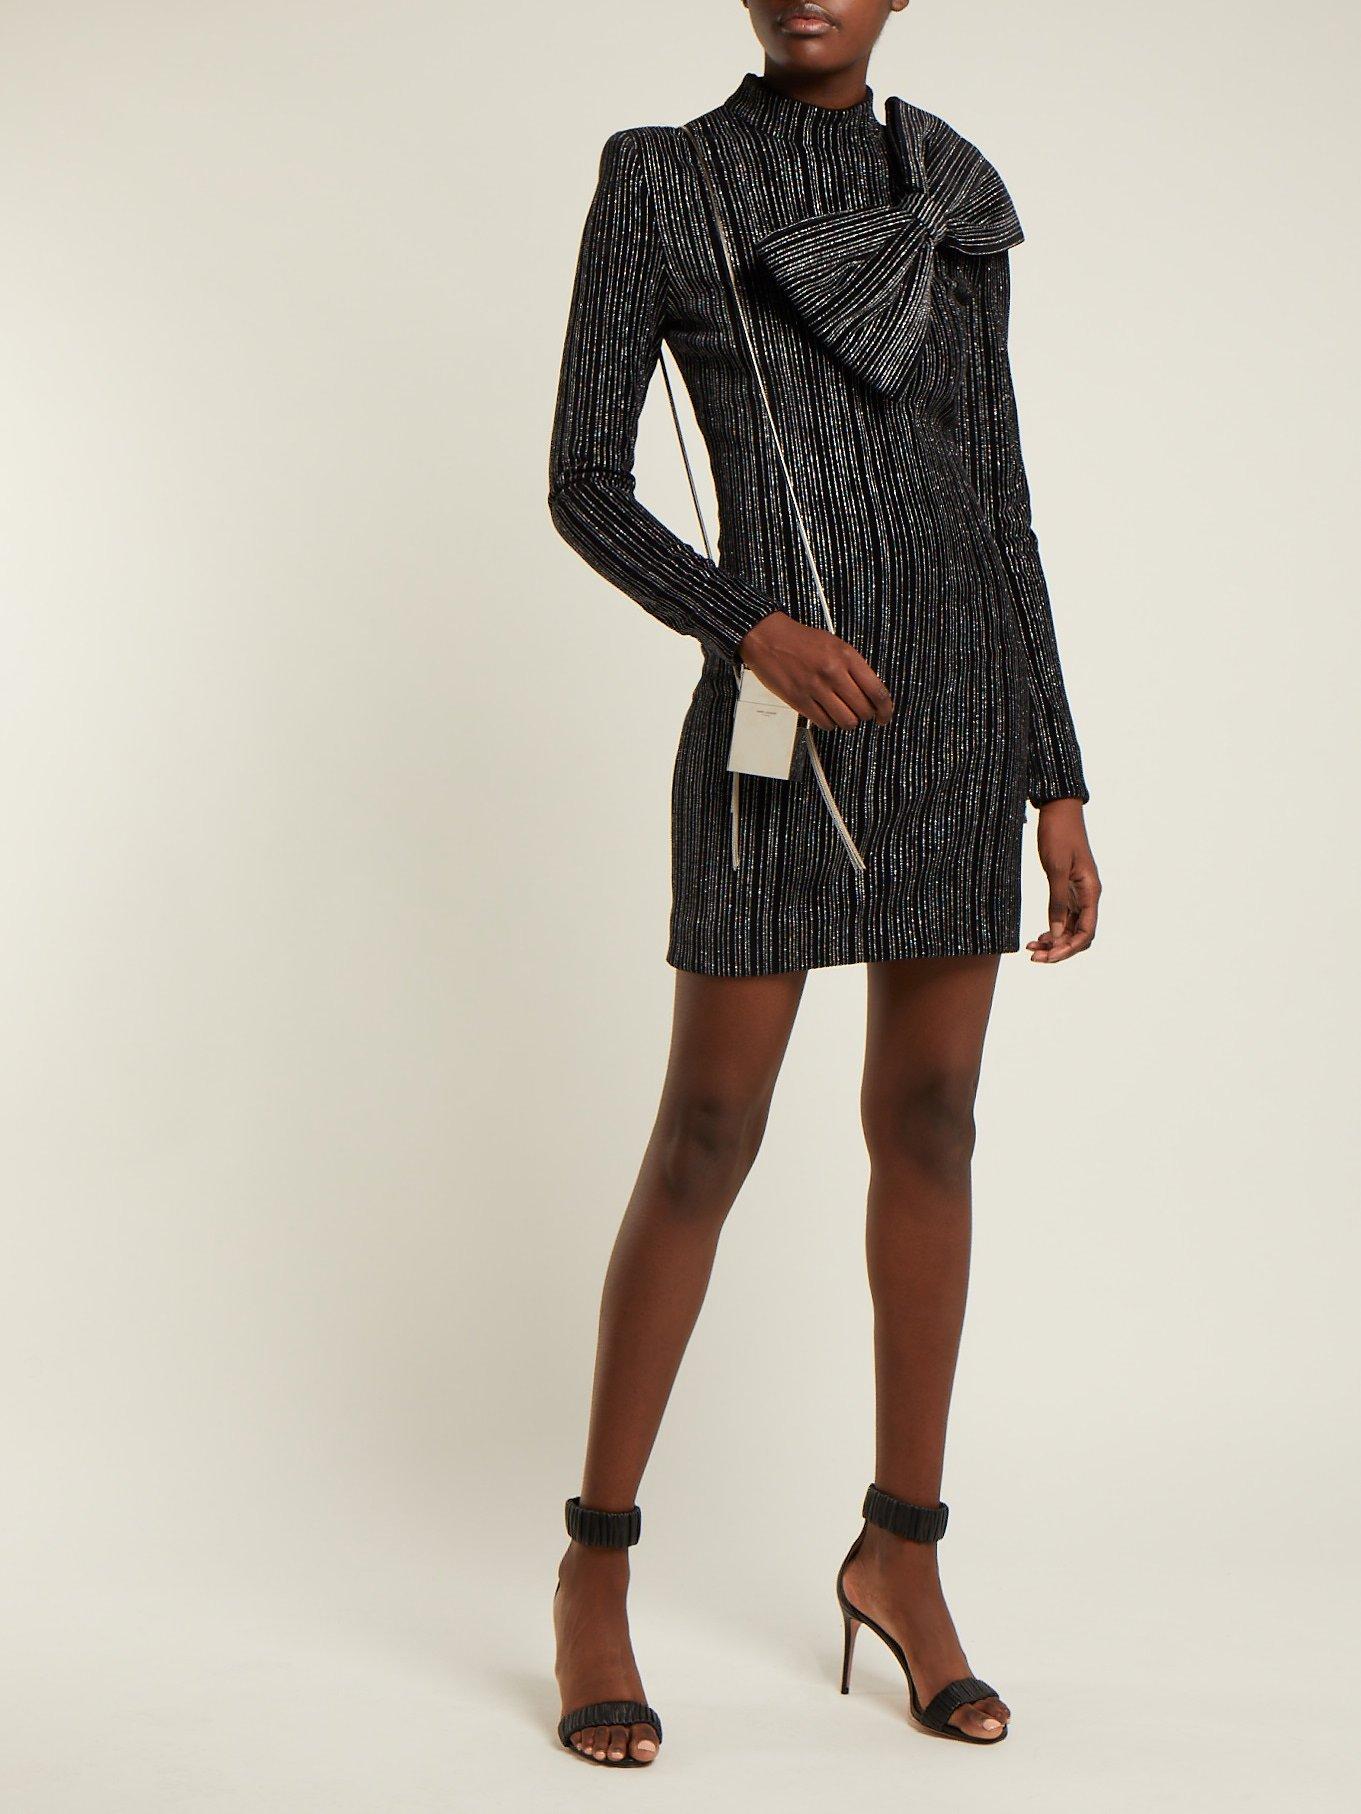 Striped Lurex cotton-blend mini dress by Balmain